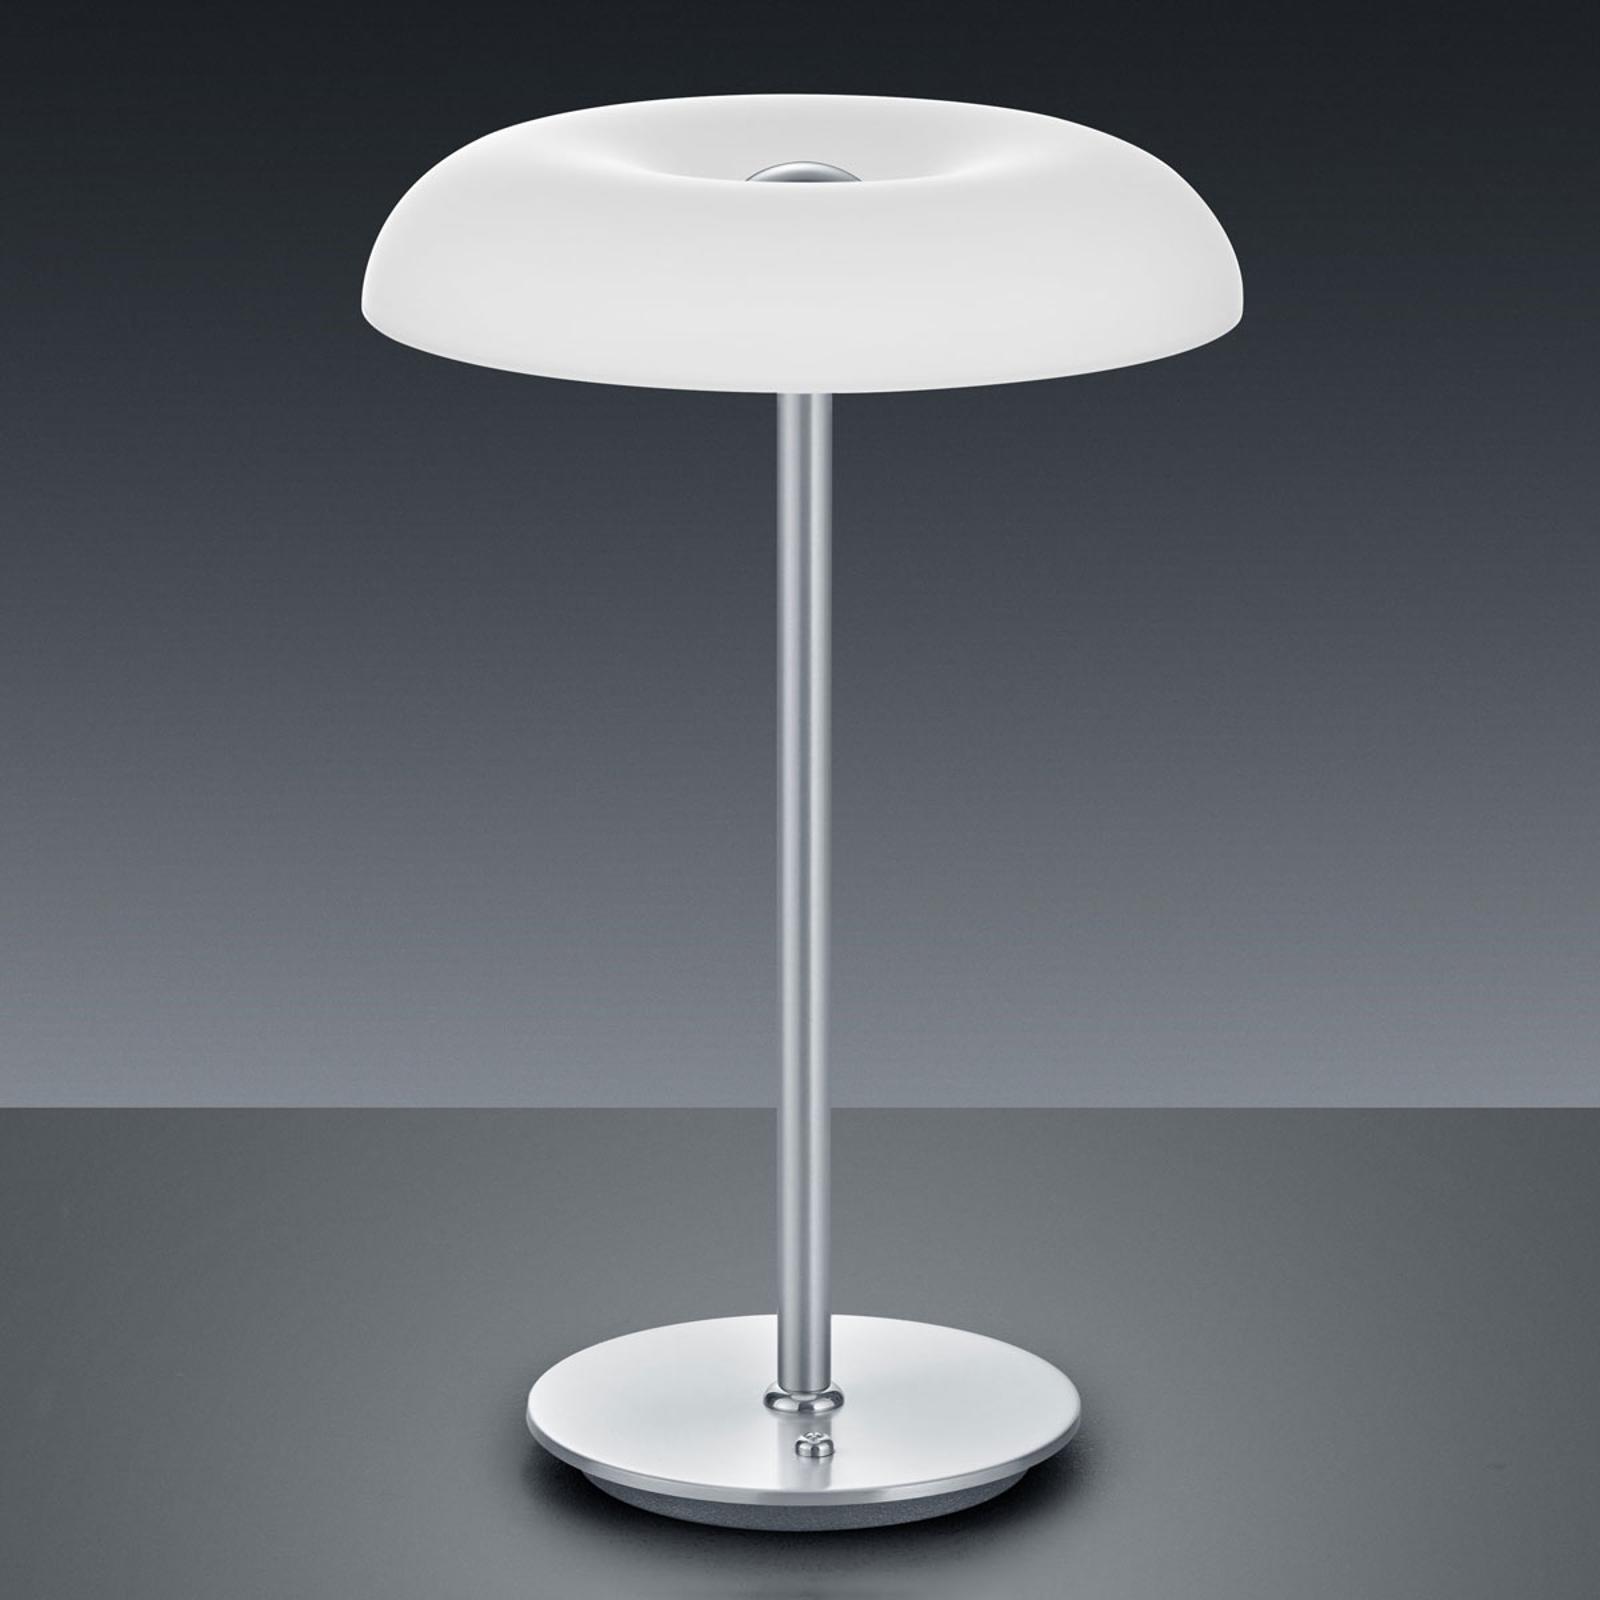 BANKAMP Vanity LED tafellamp tastdimmer nikkel